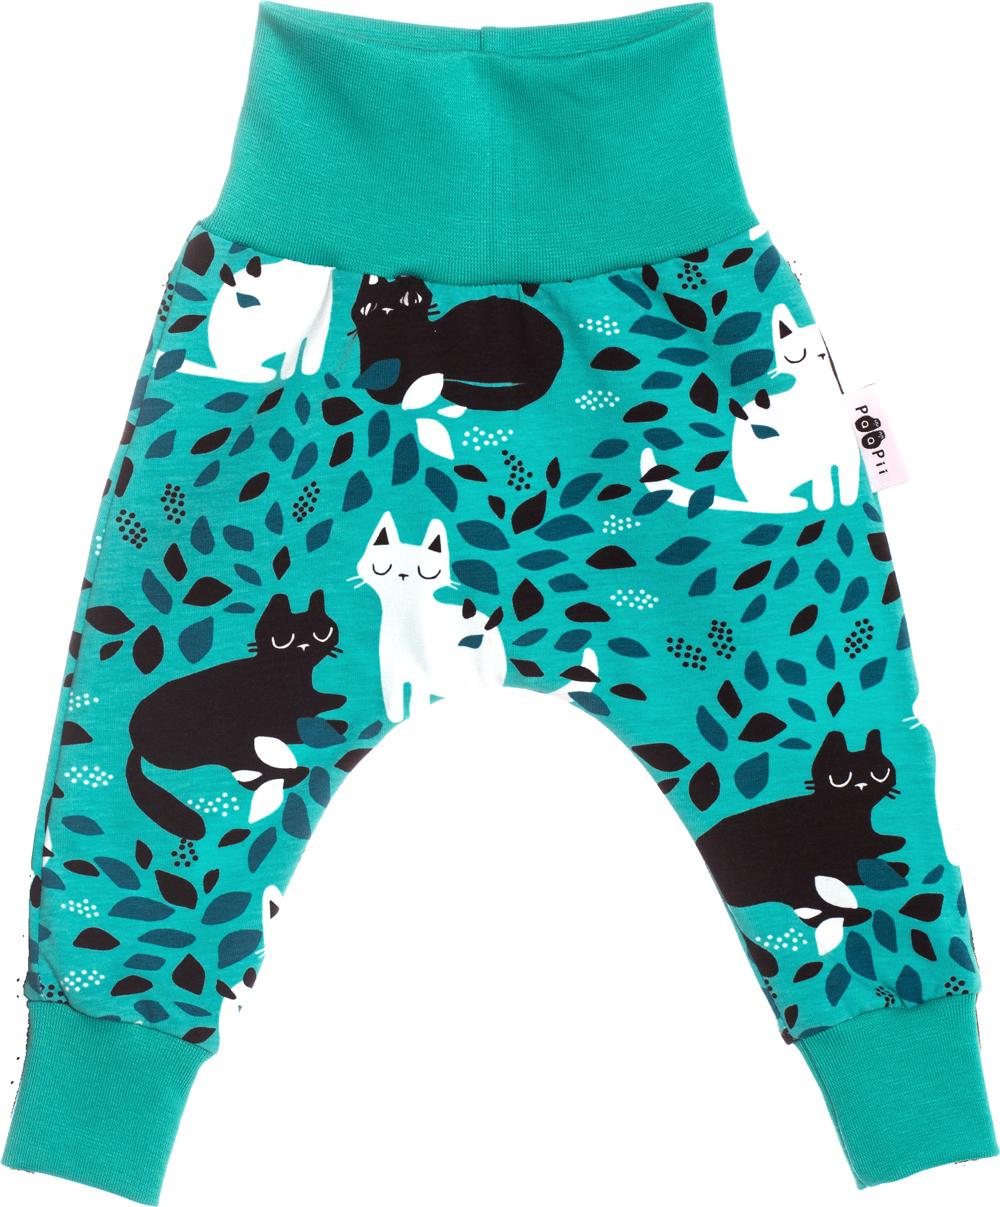 PaaPii Design: Leimu-housut Piilo-kuosilla